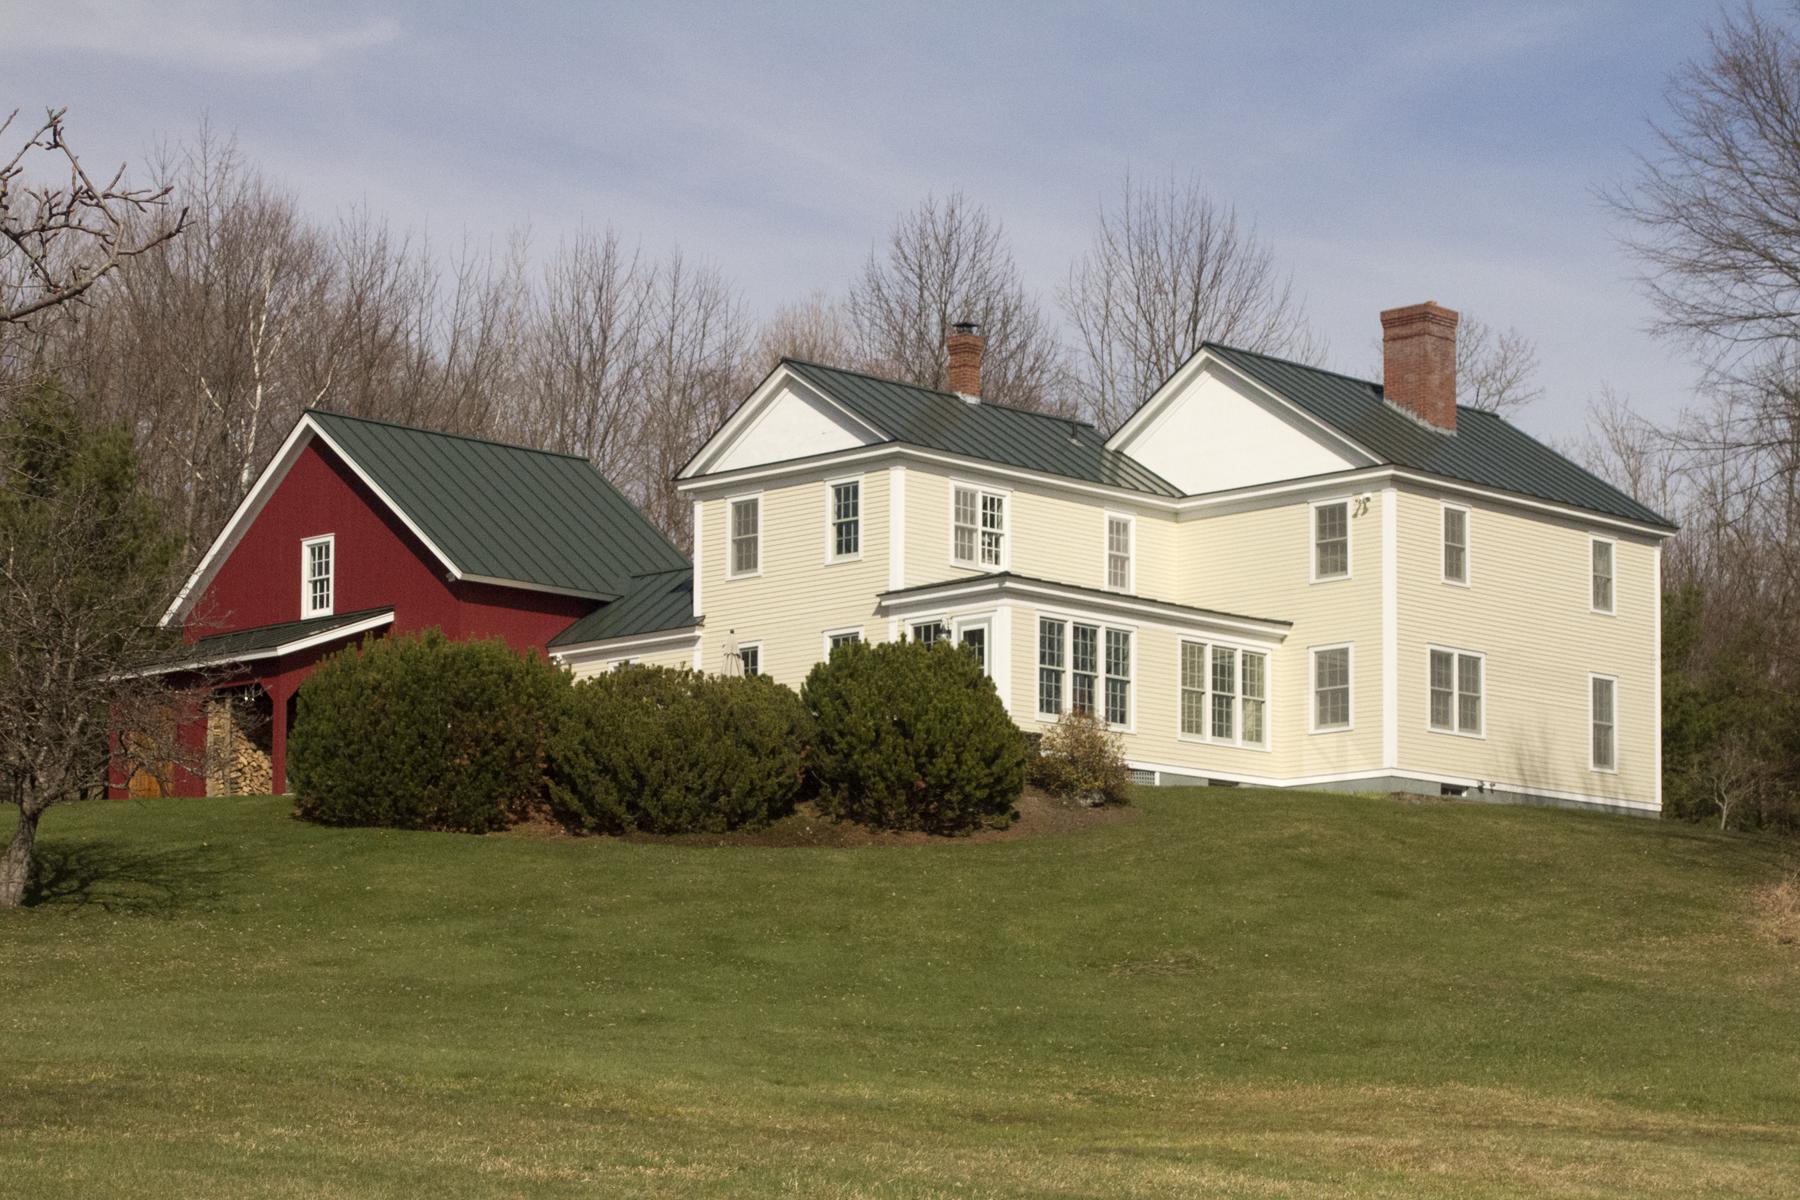 단독 가정 주택 용 매매 에 3205 Center Rd, Hyde Park 3205 NW Center Rd Hyde Park, 베르몬트, 05655 미국